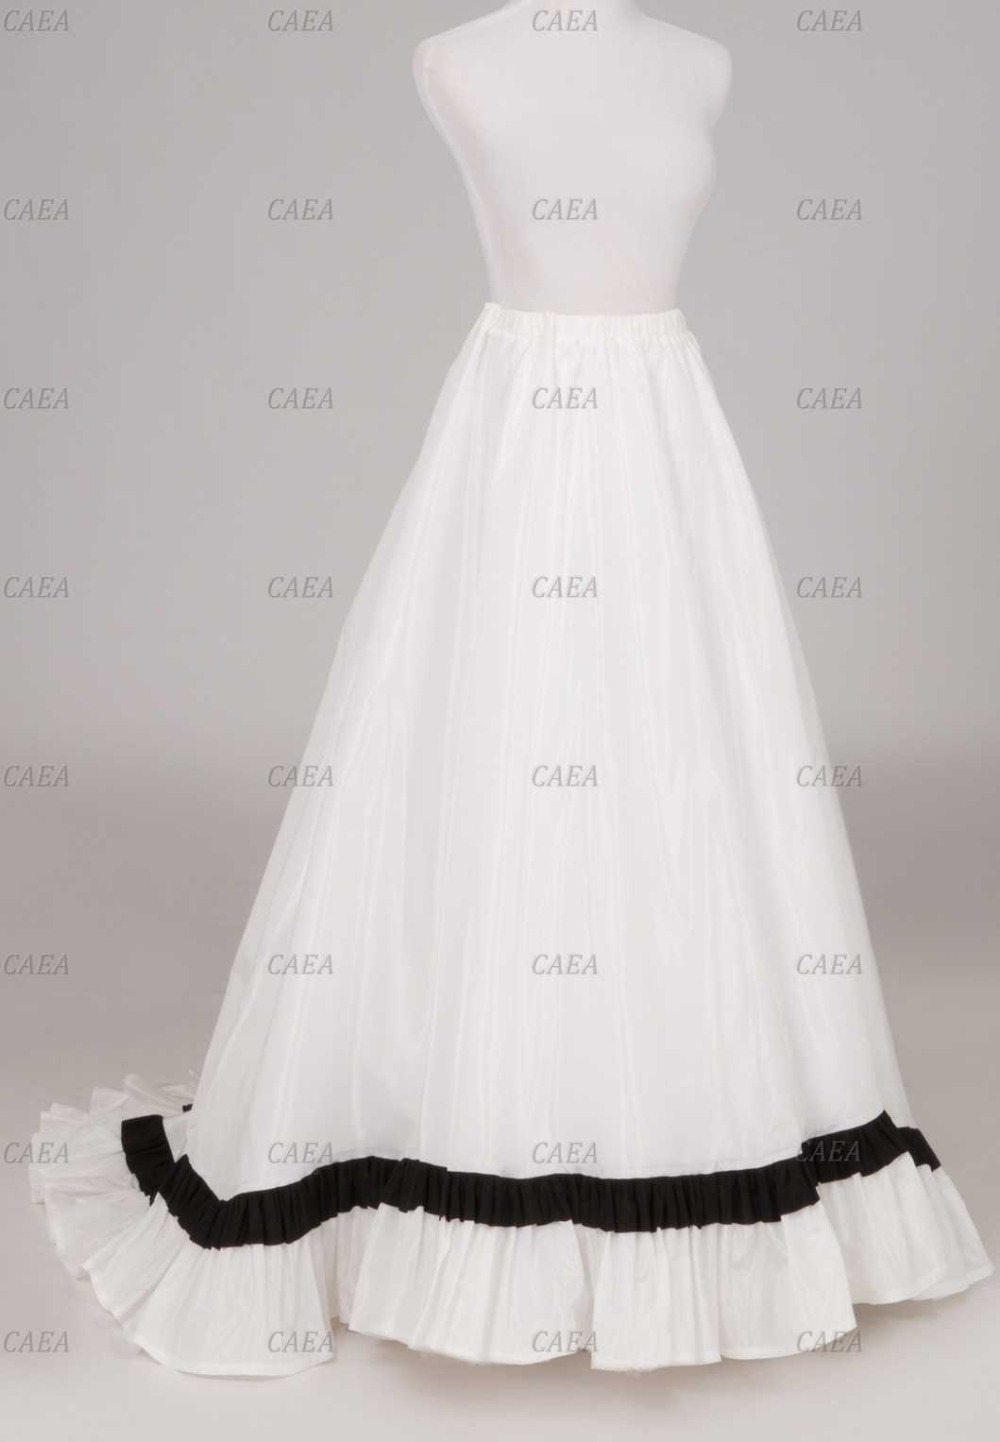 Викторианский Белый сатин Раффлед обученные юбка атласная юбка обычай делать плюс Размеры